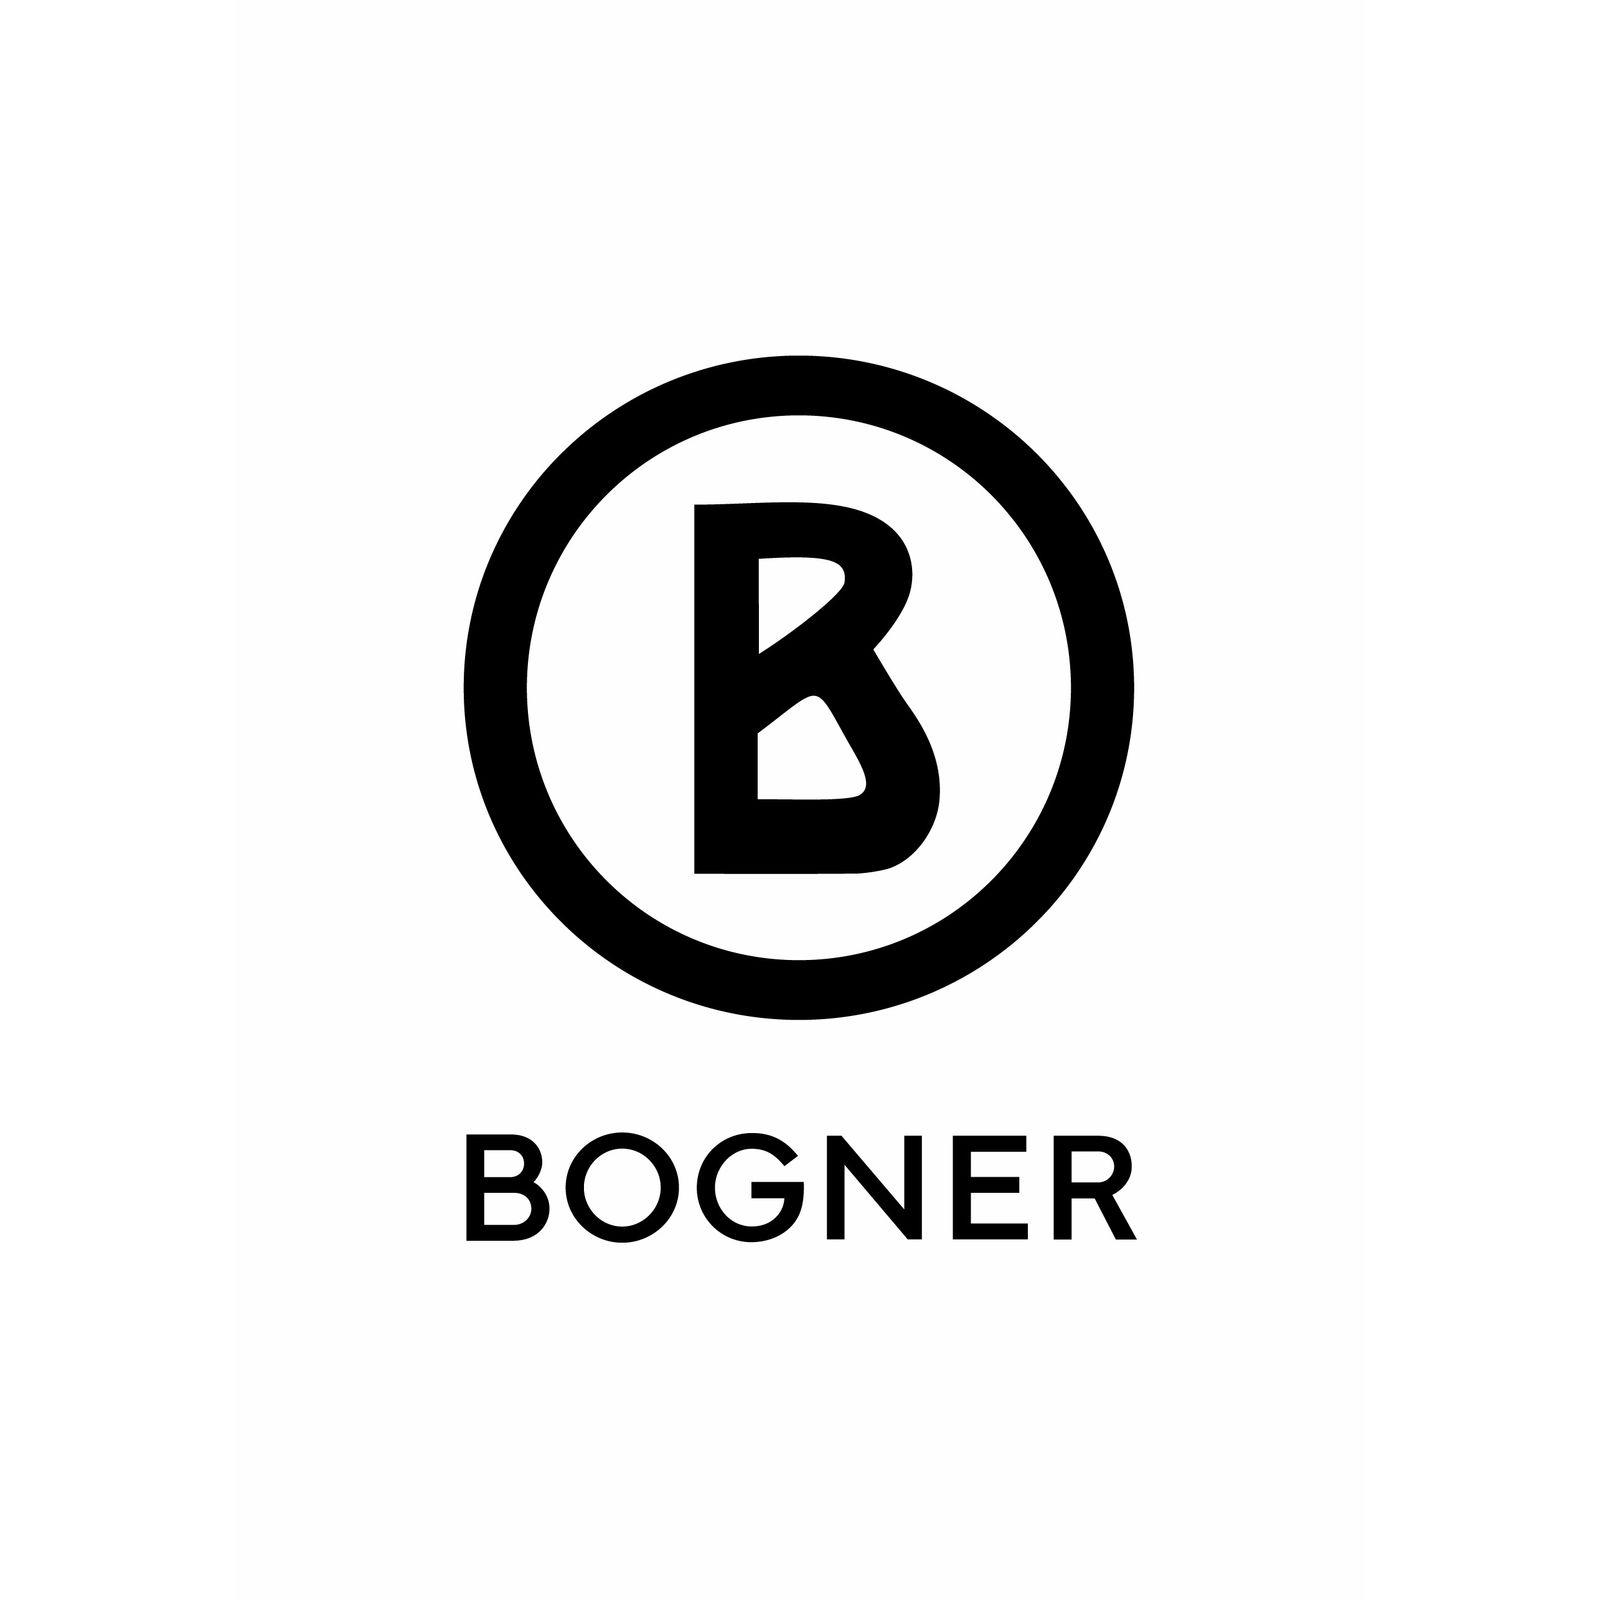 BOGNER (Bild 1)